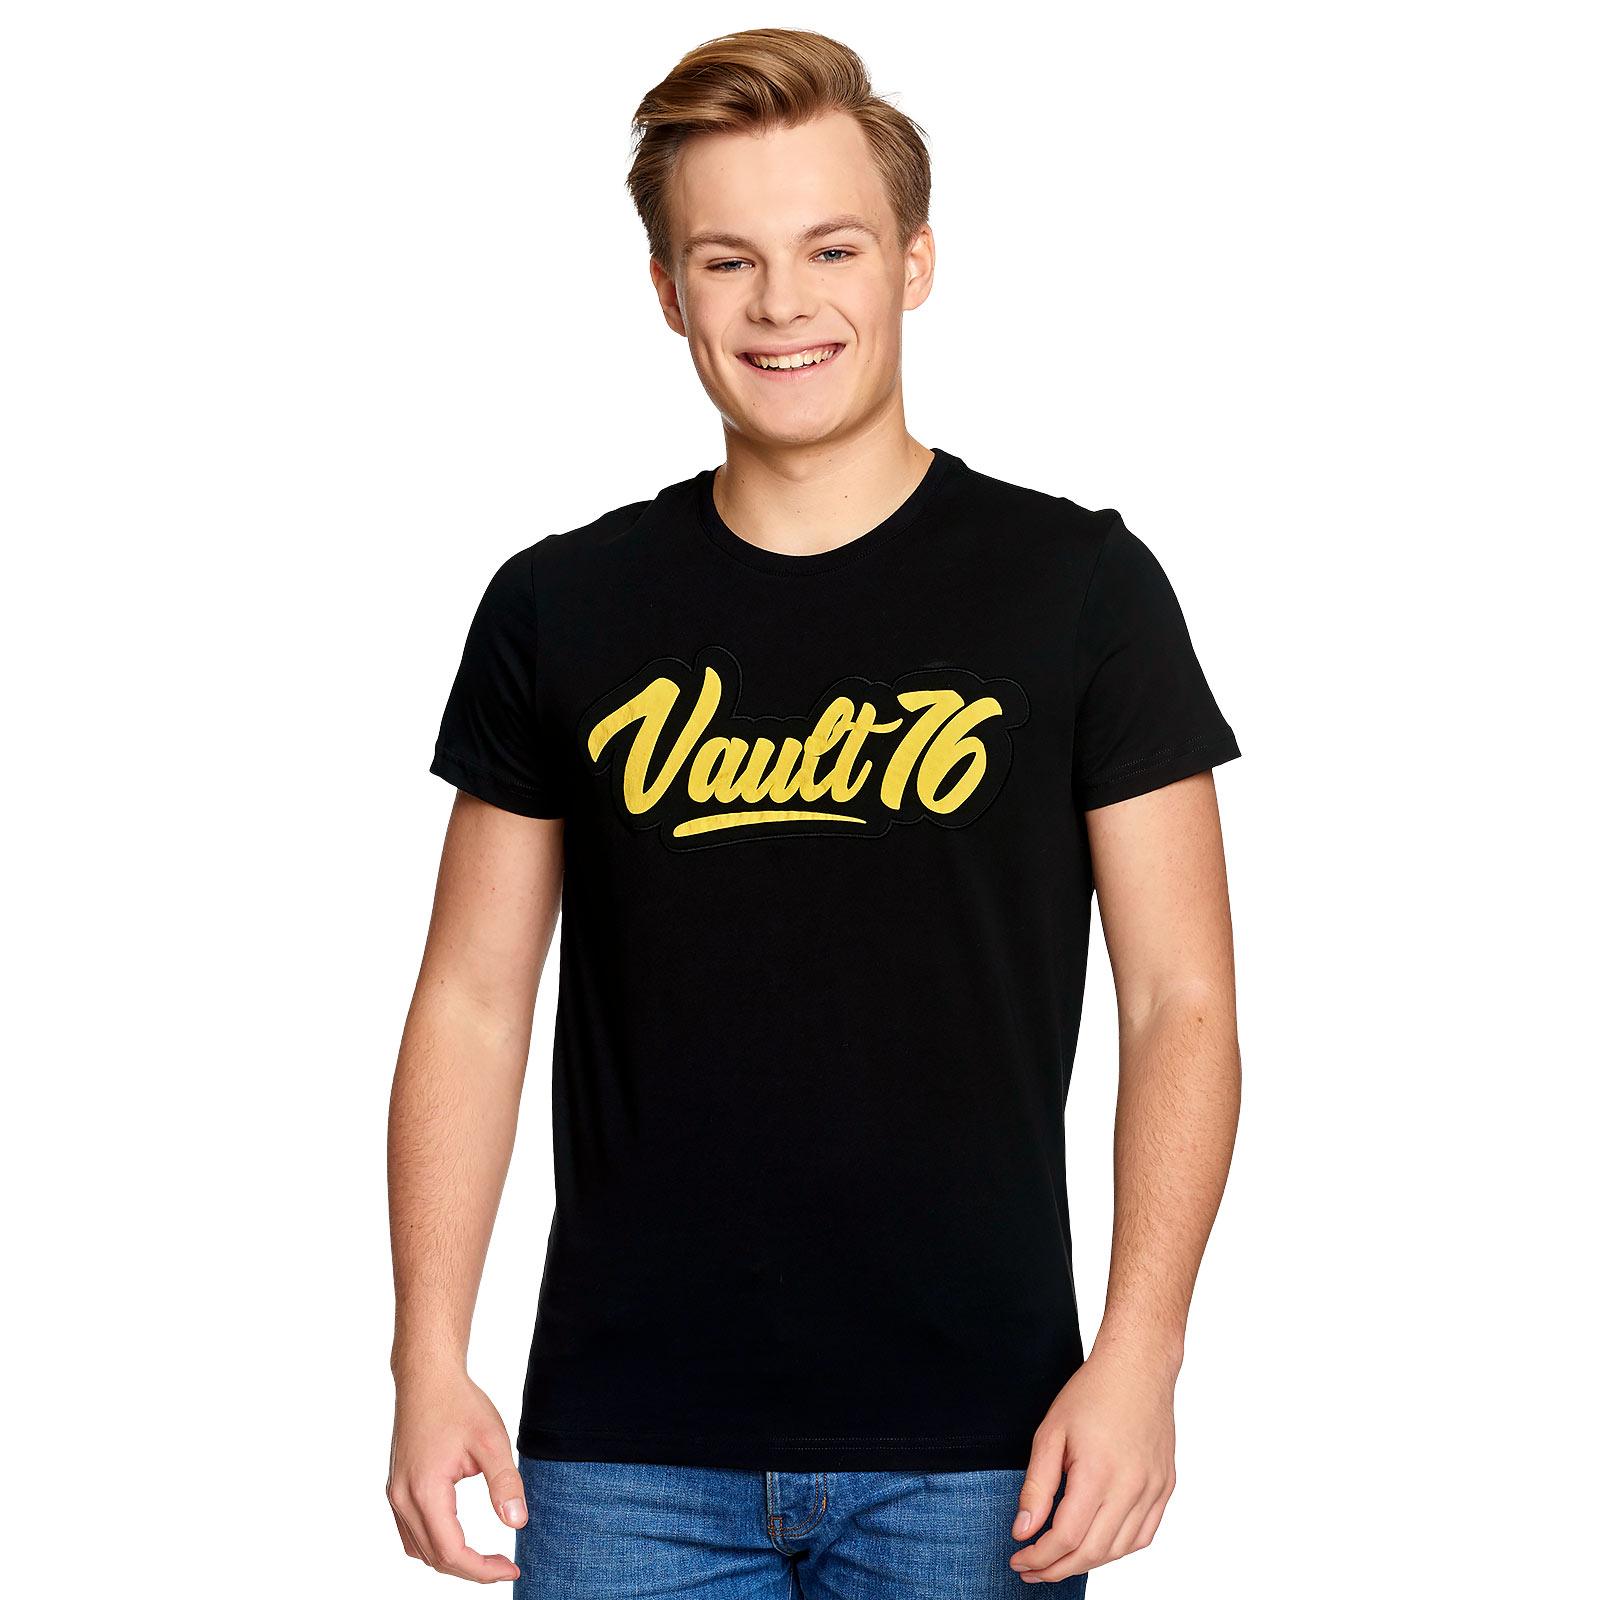 Fallout - Oil Vault 76 T-Shirt schwarz